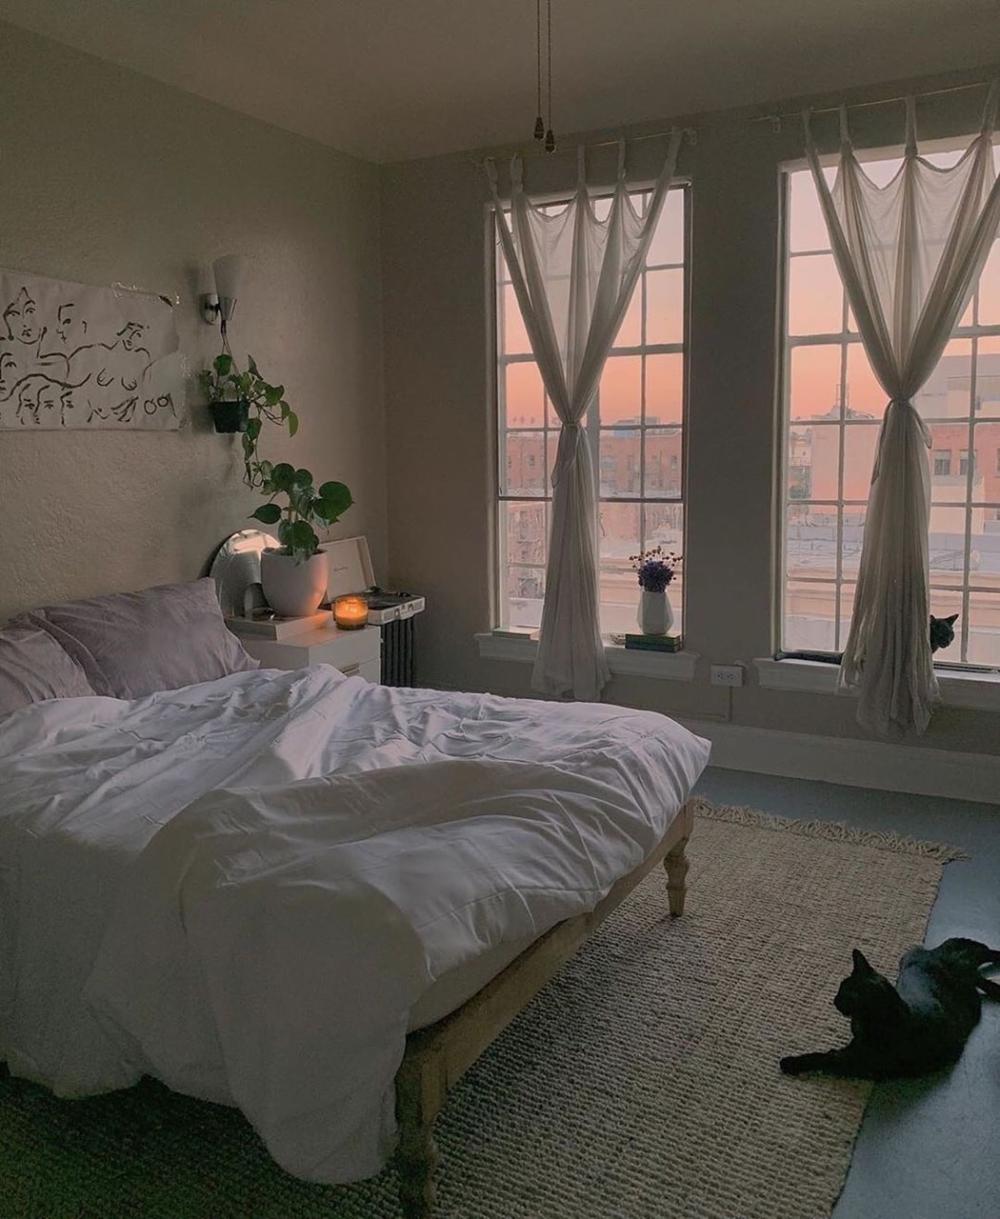 Н©ð¢ð§ððžð«ðžð¬ð Н«ðšð¢ððšð§ðœð¥ðšð«ðž Н¢ð§ð¬ððš Н«ðšð¢ððšð§ð±ðœð¥ðšð«ðž In 2020 Room Ideas Bedroom Bedroom Design Aesthetic Room Decor